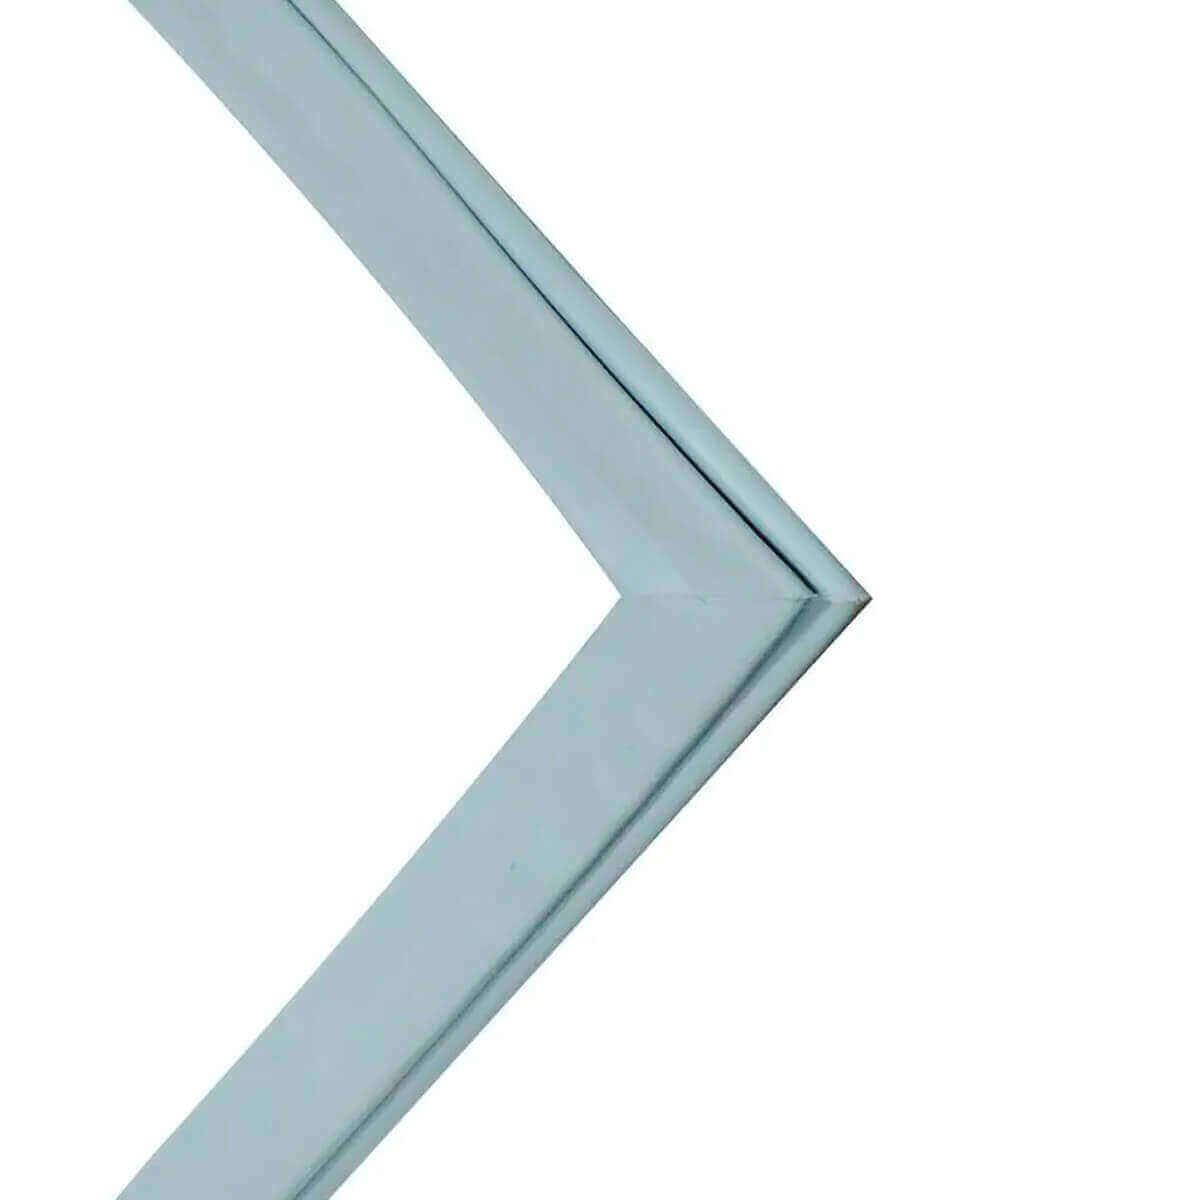 Borracha Gaxeta Superior De Geladeira Brastemp Inverse - W10223028